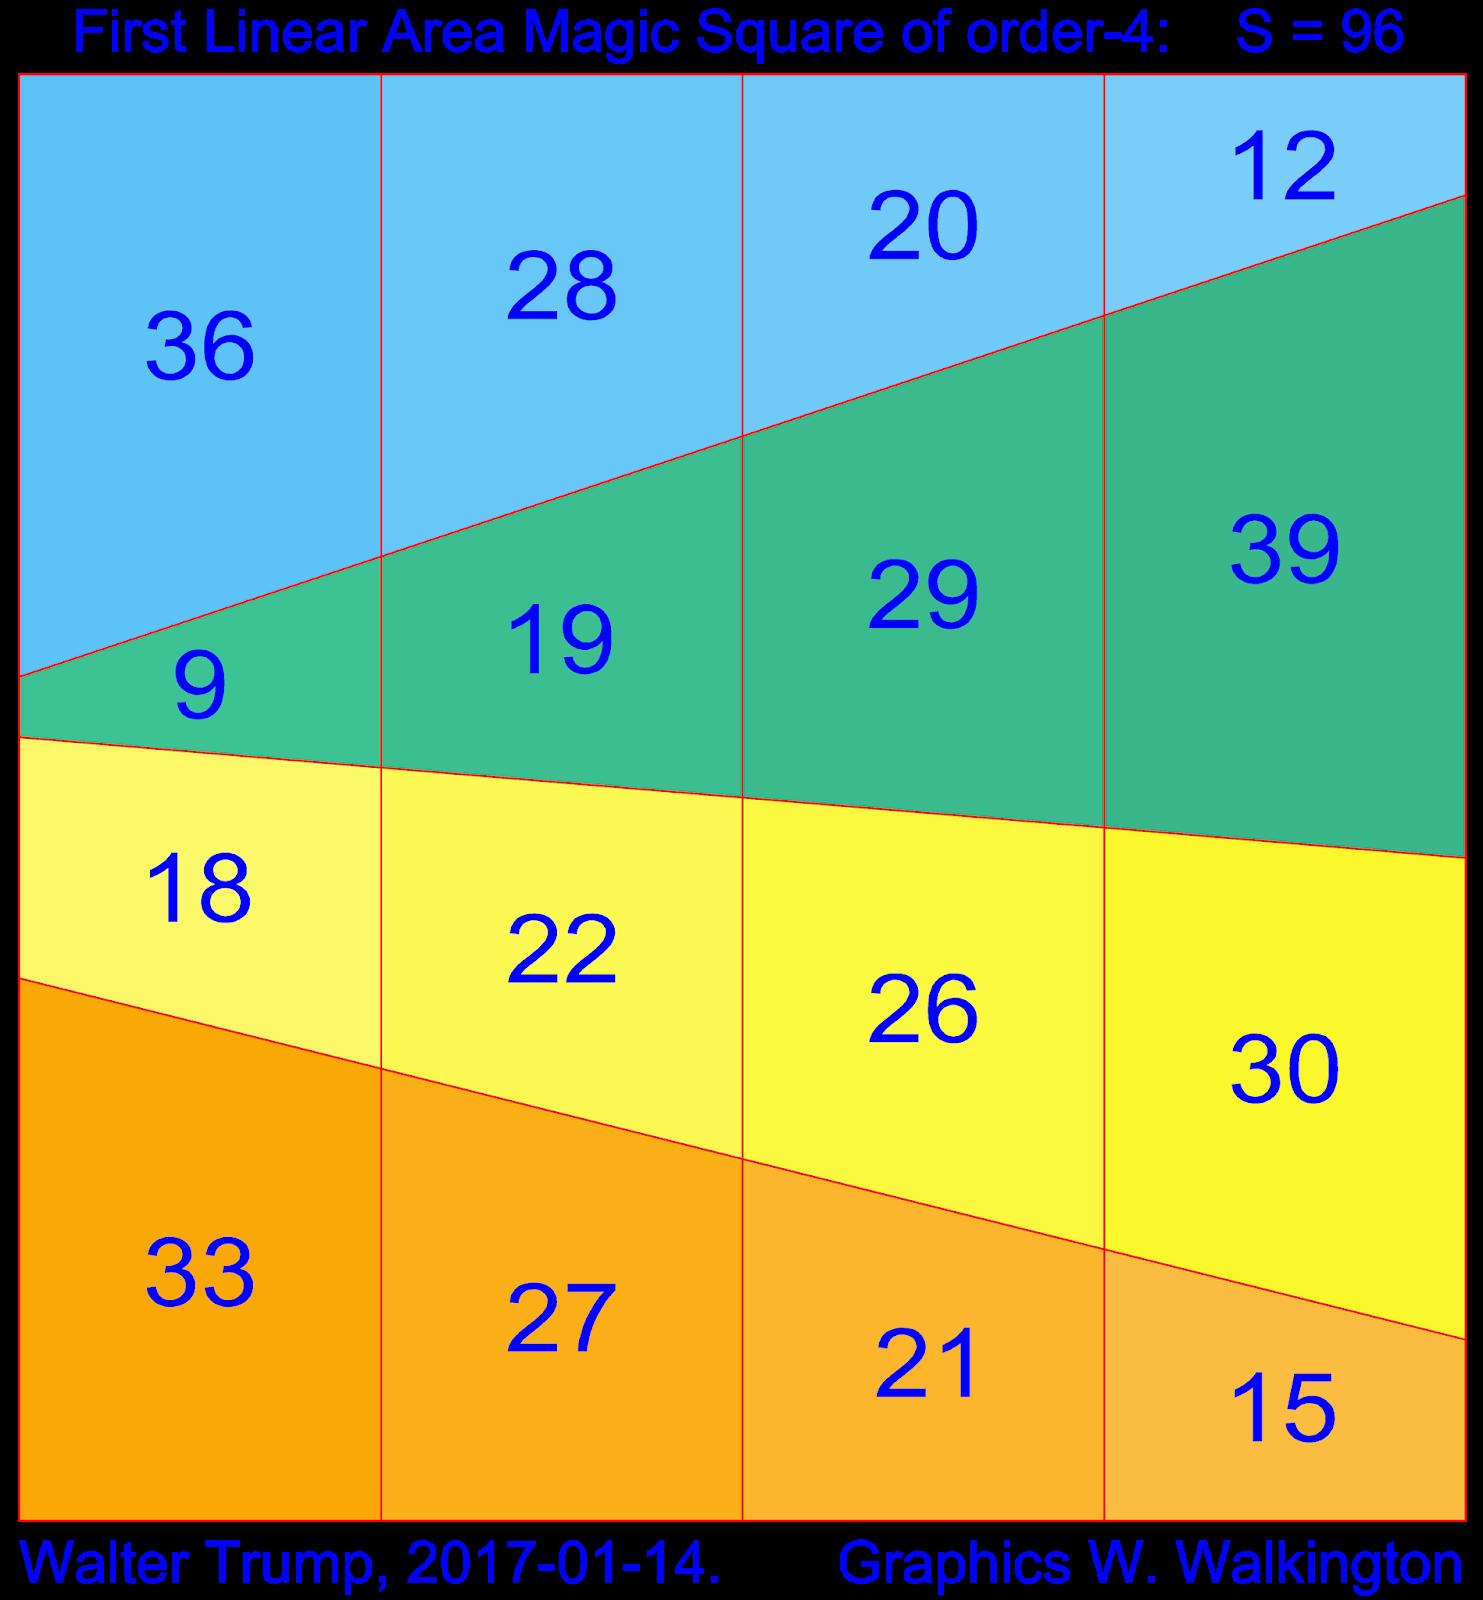 Magic Squares, Spheres and Tori: Area Magic Squares of Order-4